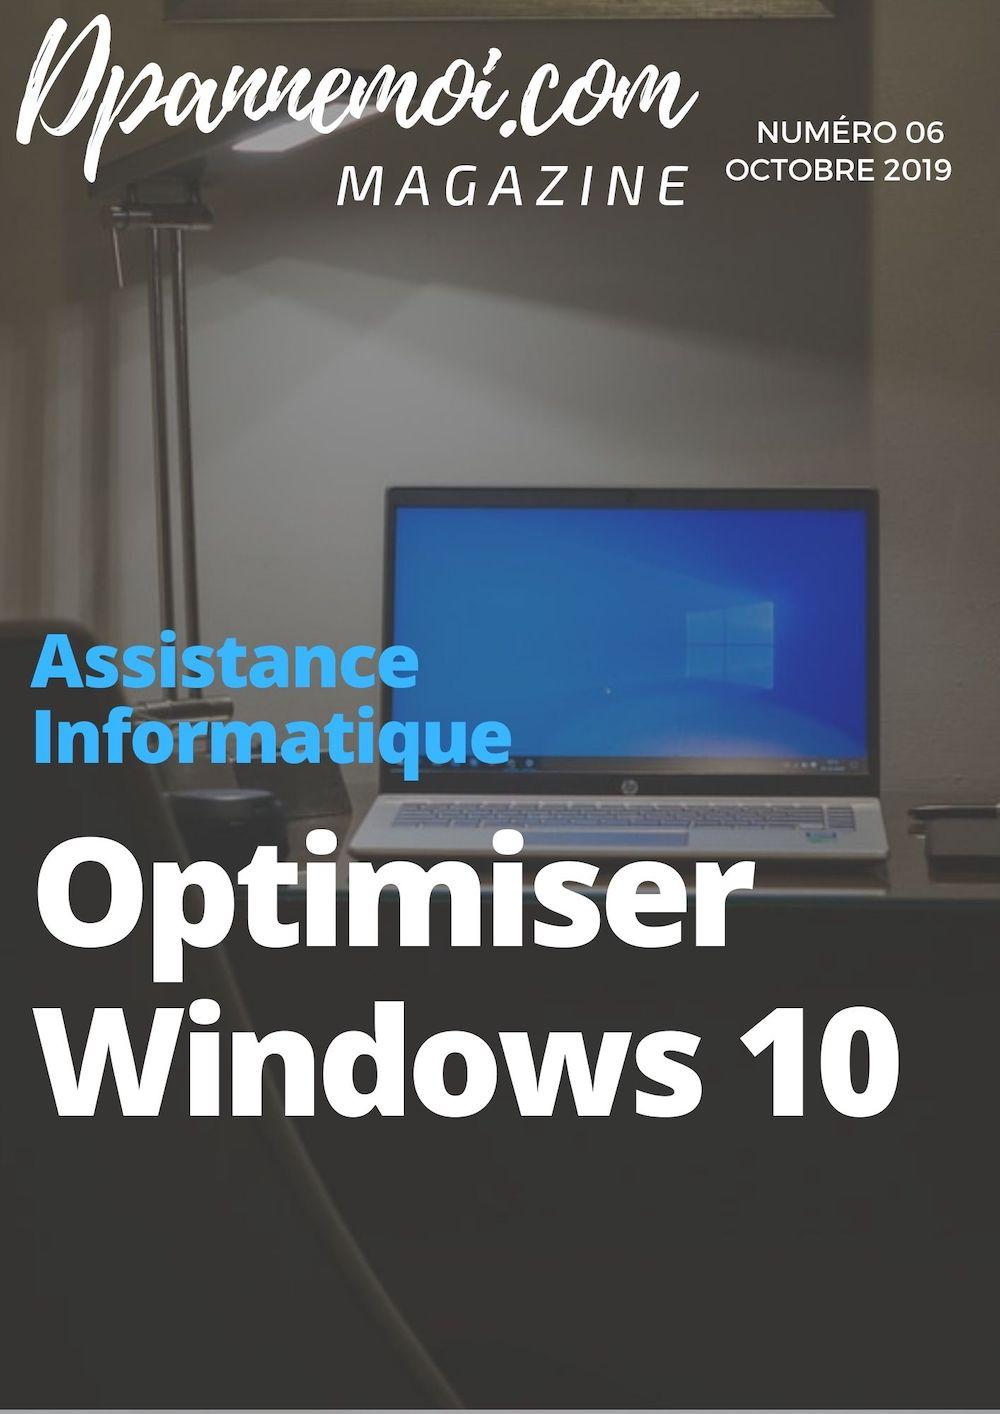 Optimisez Windows 10 et gagnez en rapidité